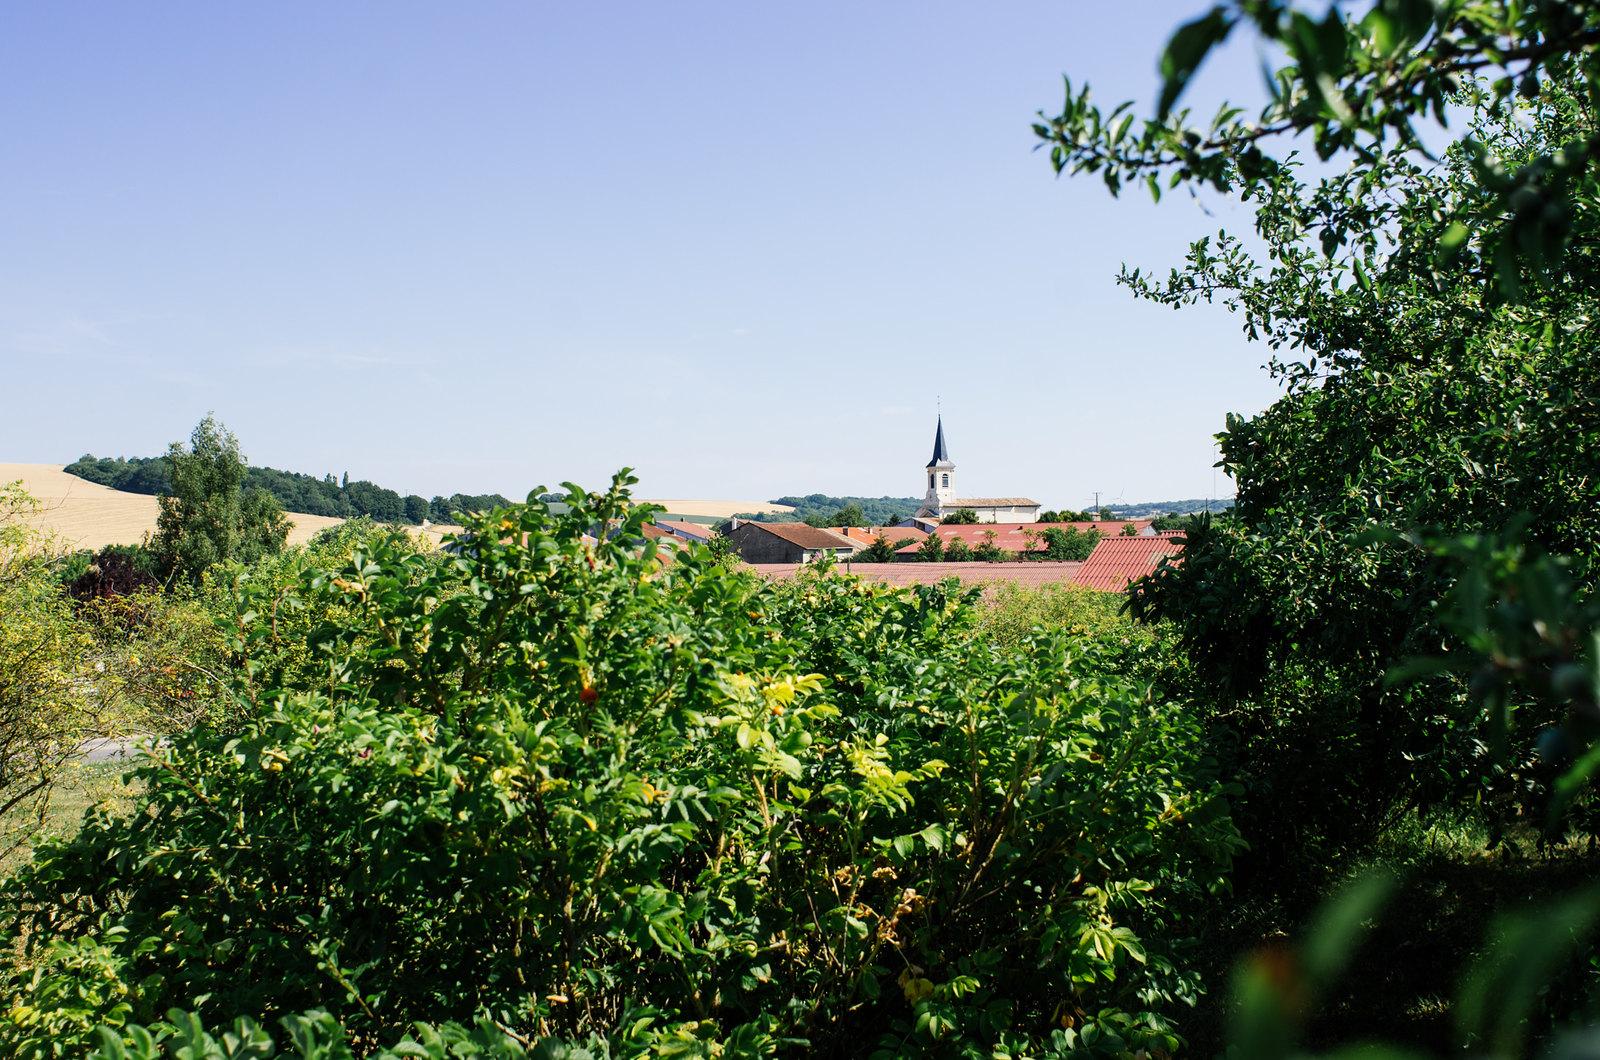 Tourisme rural en Meuse - Canicule, confiture et agriculture